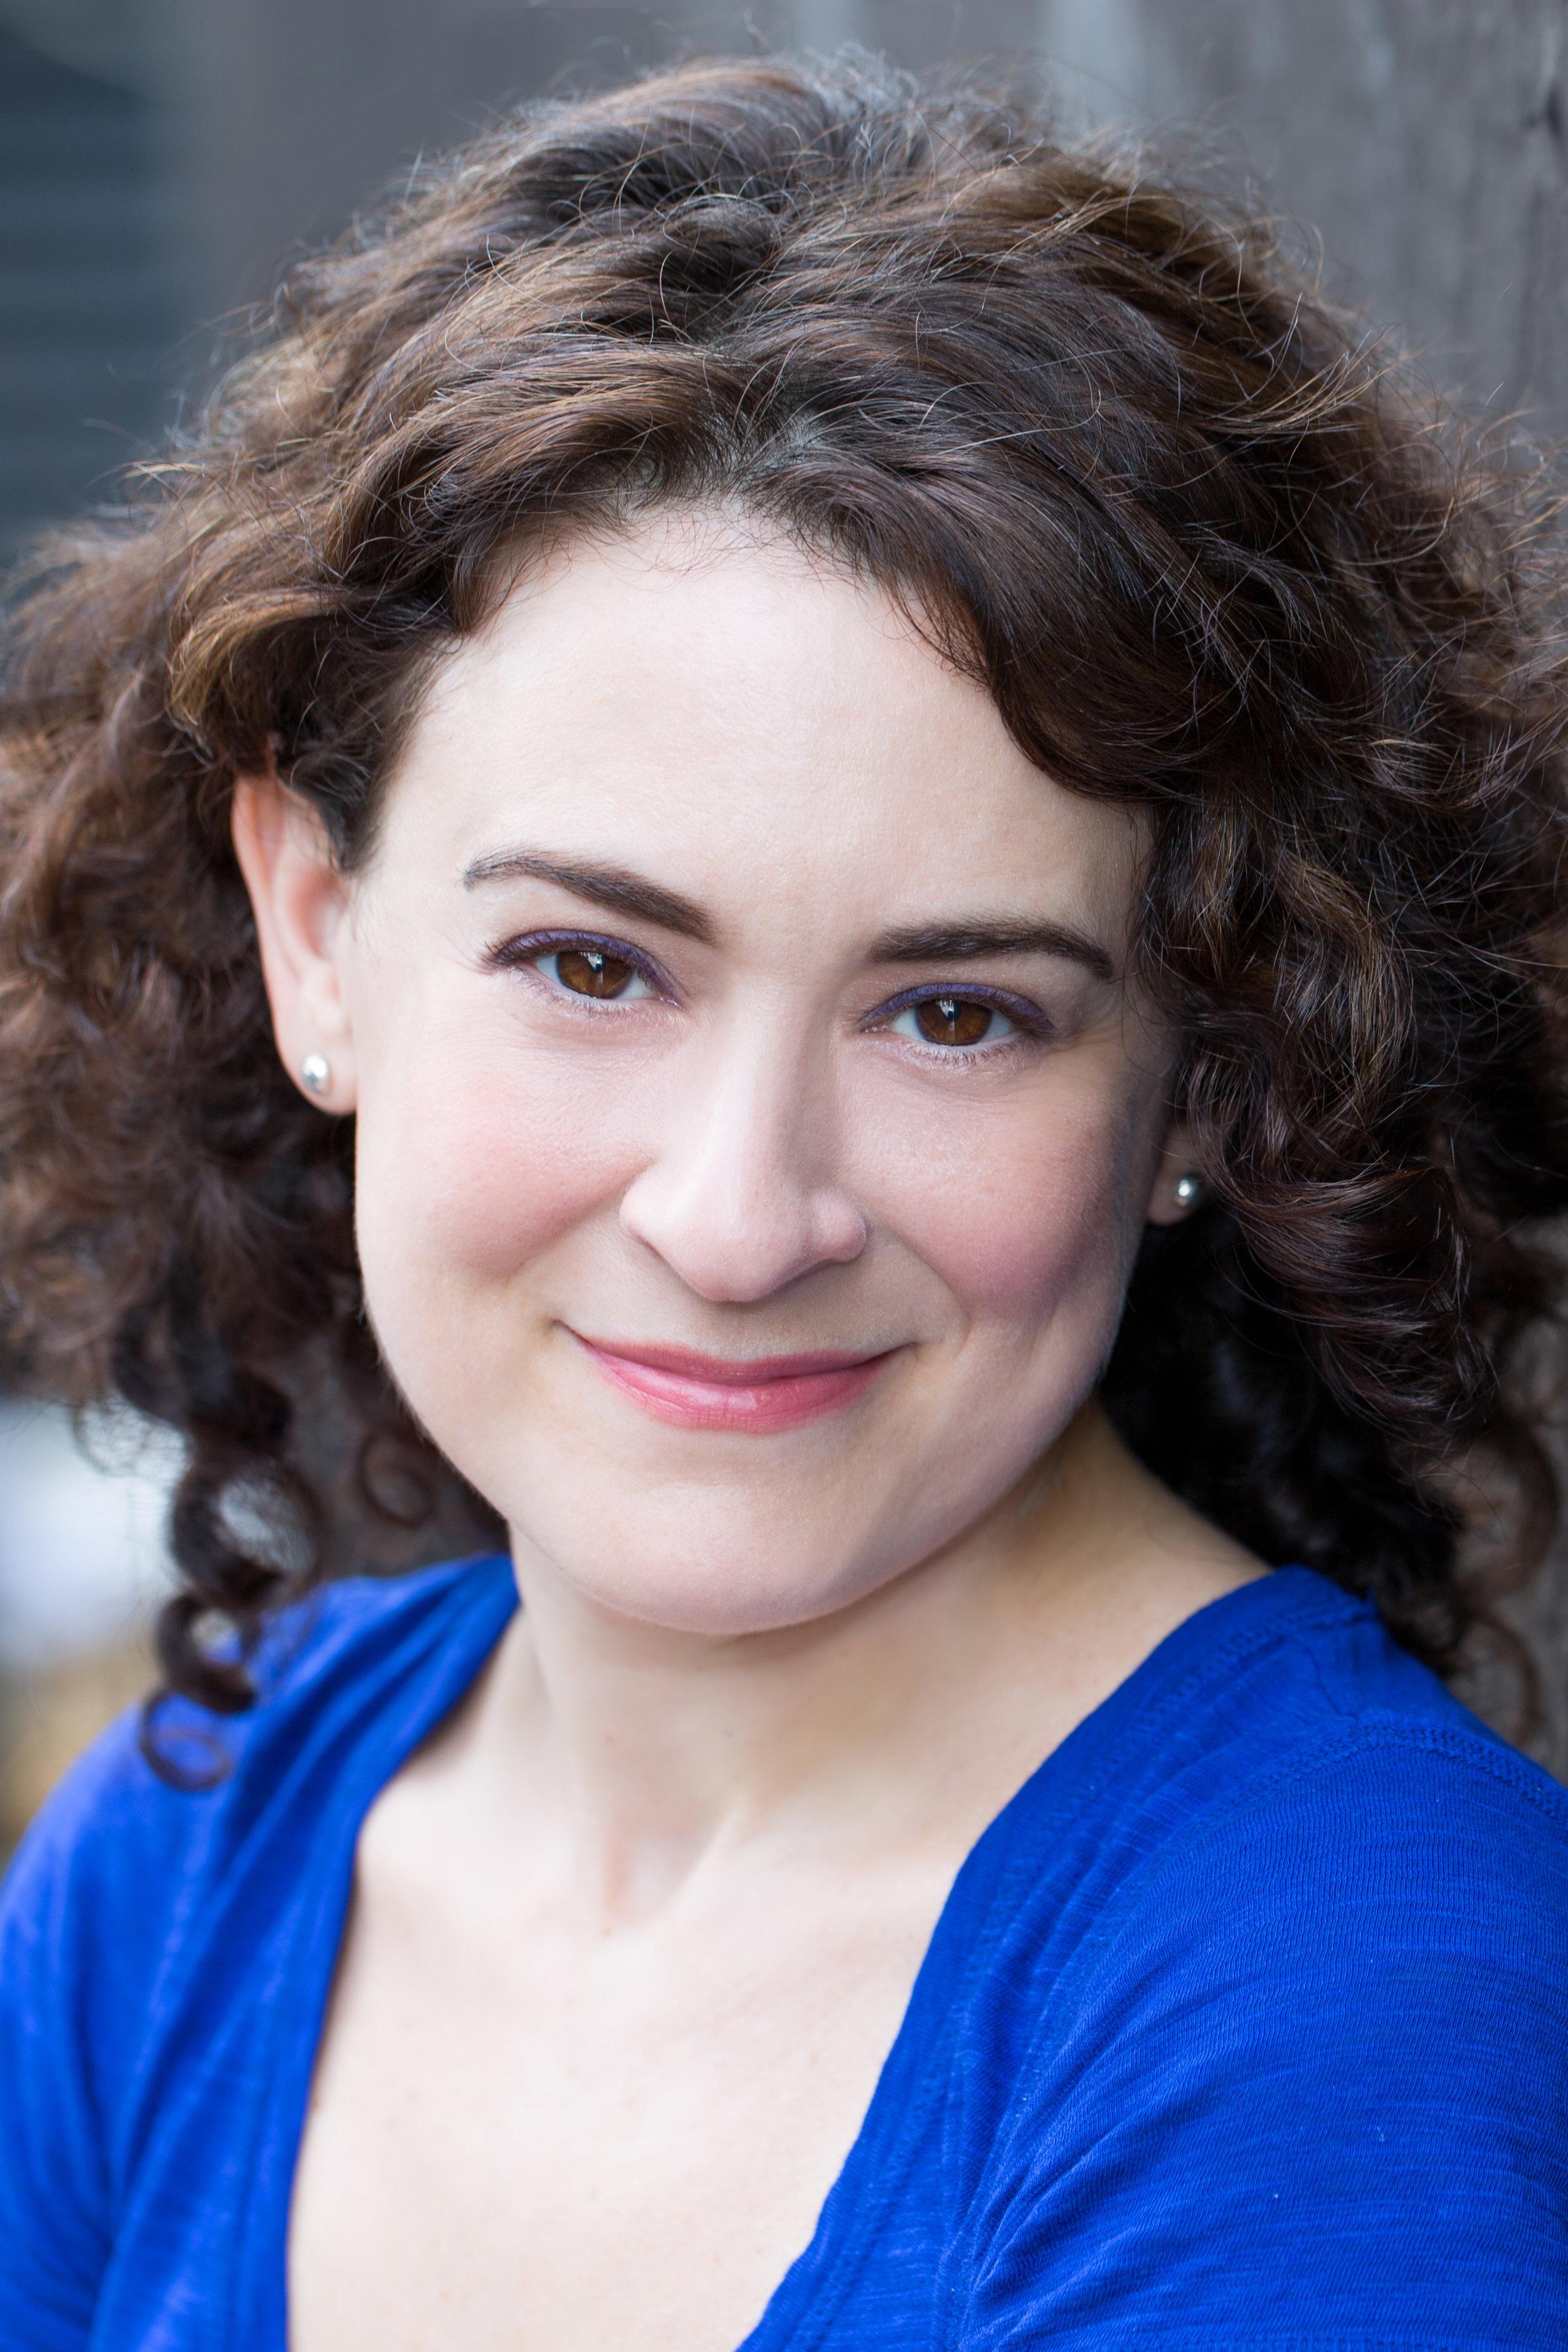 Jane Elias